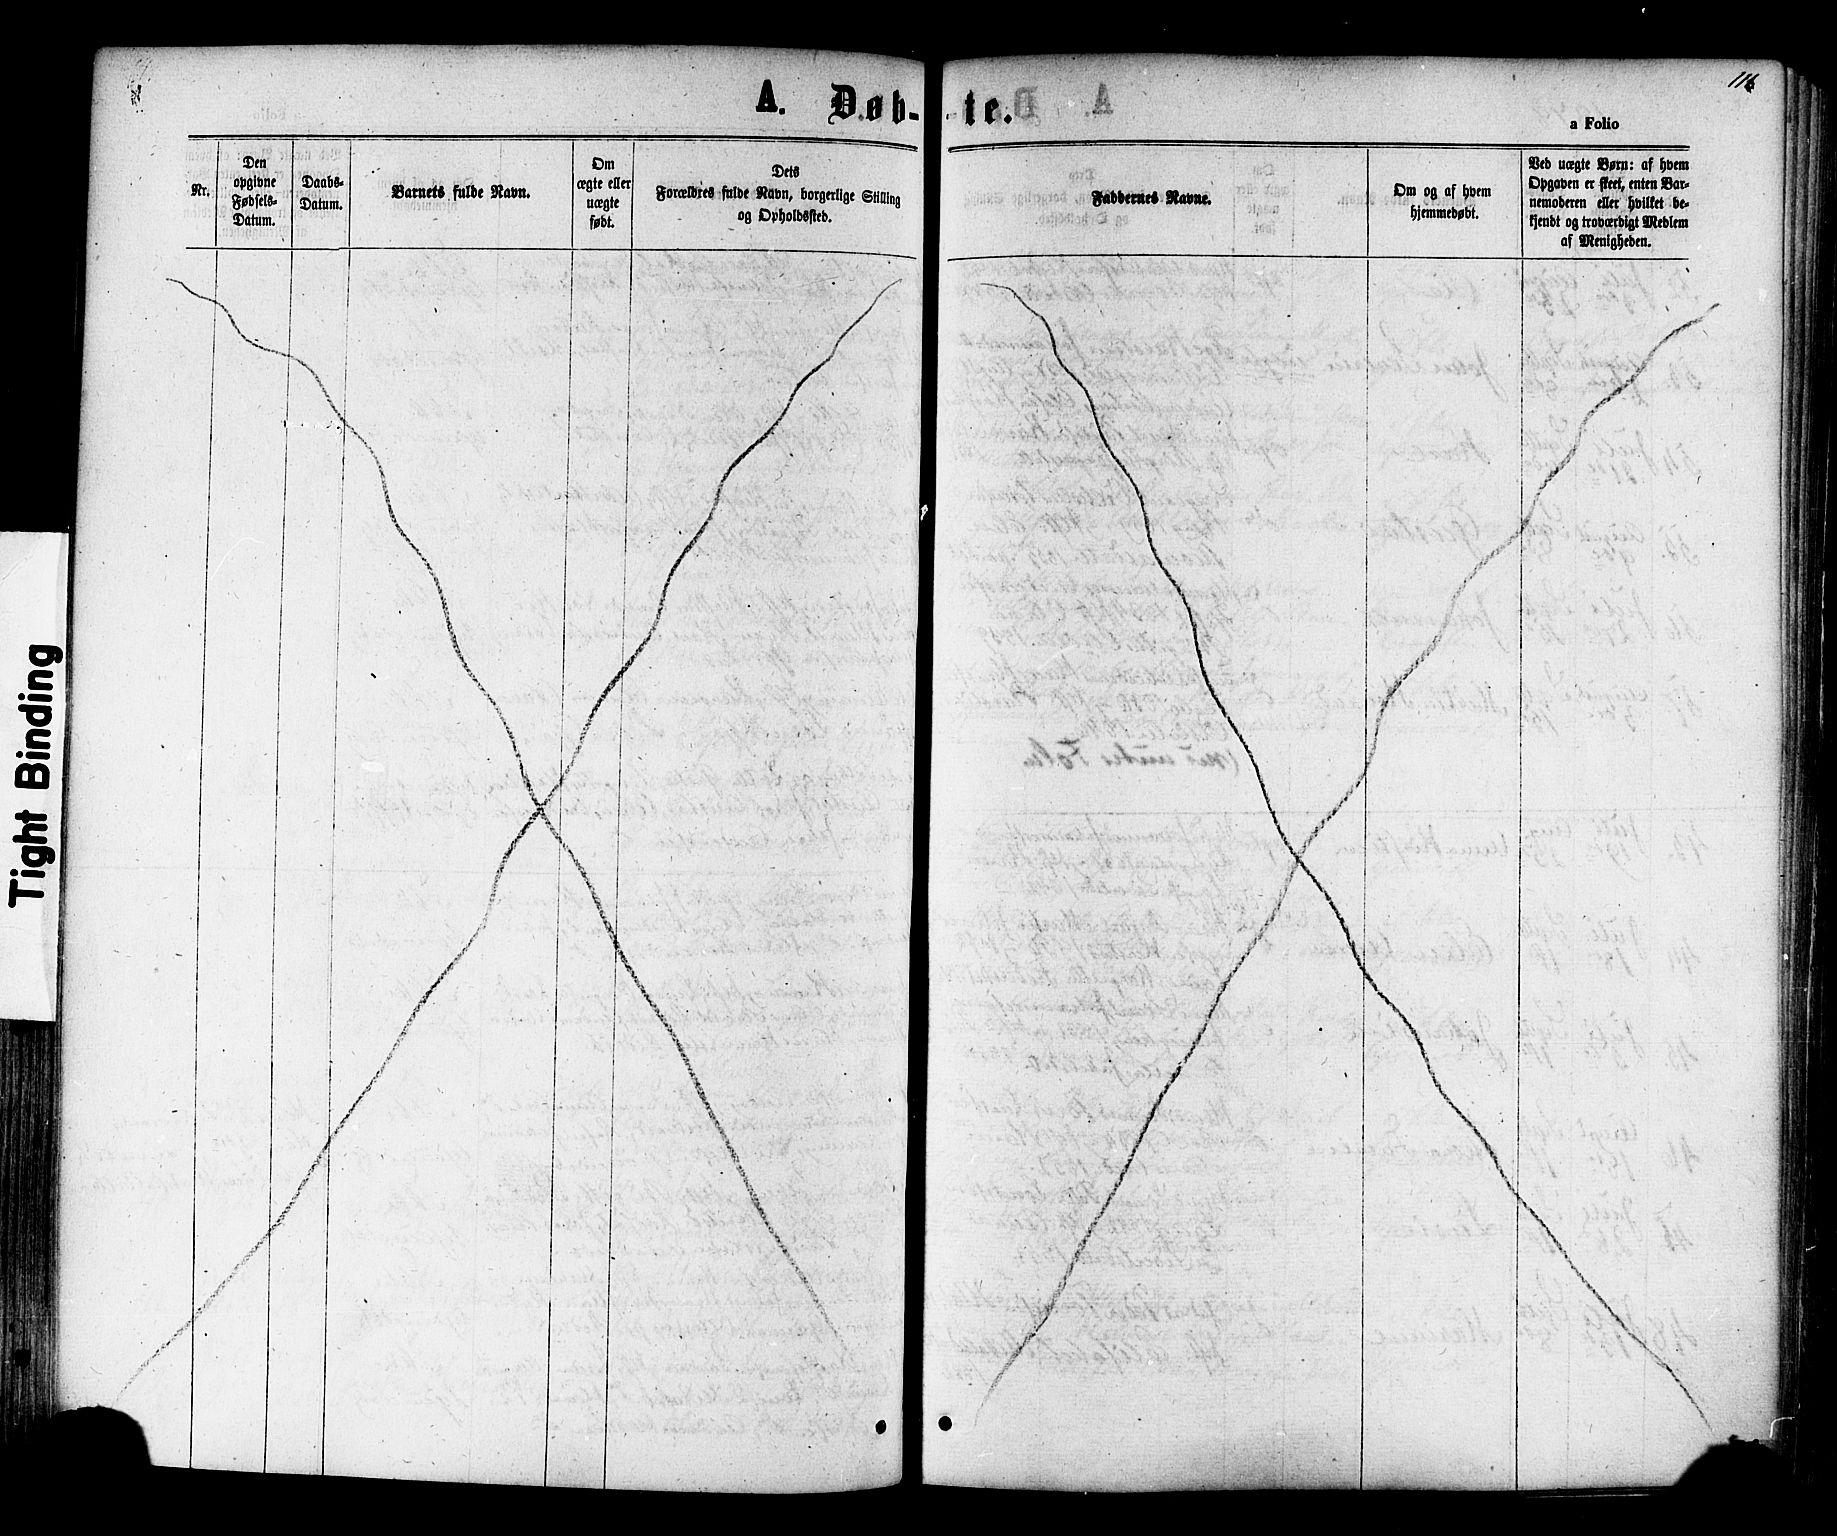 SAT, Ministerialprotokoller, klokkerbøker og fødselsregistre - Nord-Trøndelag, 730/L0284: Ministerialbok nr. 730A09, 1866-1878, s. 116